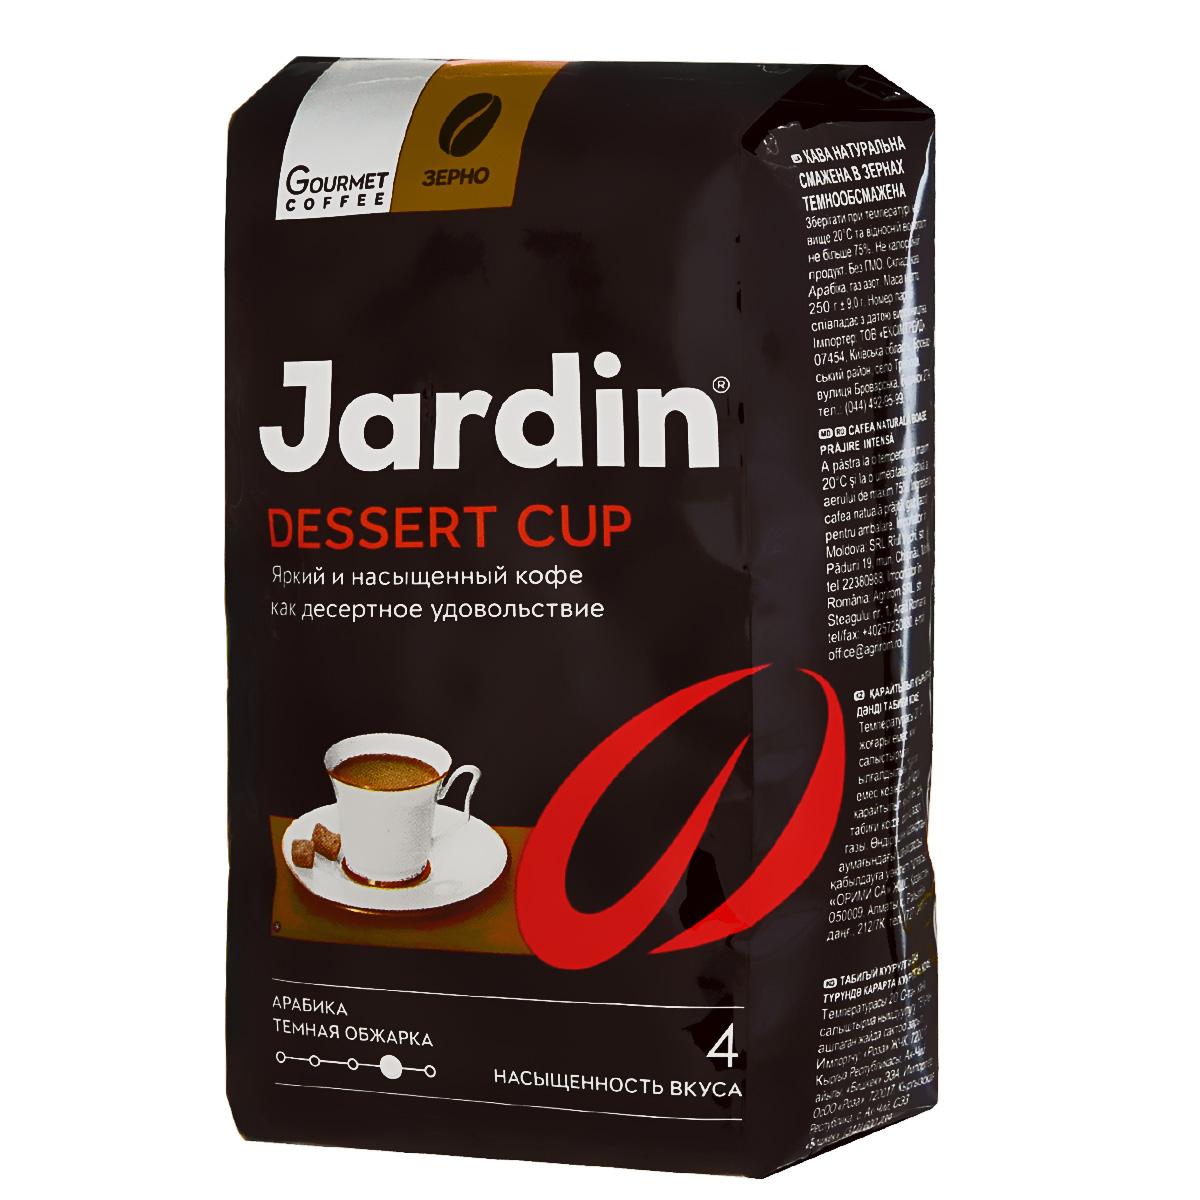 Jardin Dessert Cup кофе в зернах, 250 г0545-20Кофе в зернах Jardin Dessert Cup обладает многогранным сложным вкусом, наполненным интенсивной сладостью великолепного десерта. В этом бленде сочетаются пять сортов Арабики, выращенных на разных плантациях - Эфиопия Сидамо, Суматра Мандхелинг, Гватемала, Коста-Рика и Колумбия Супремо.